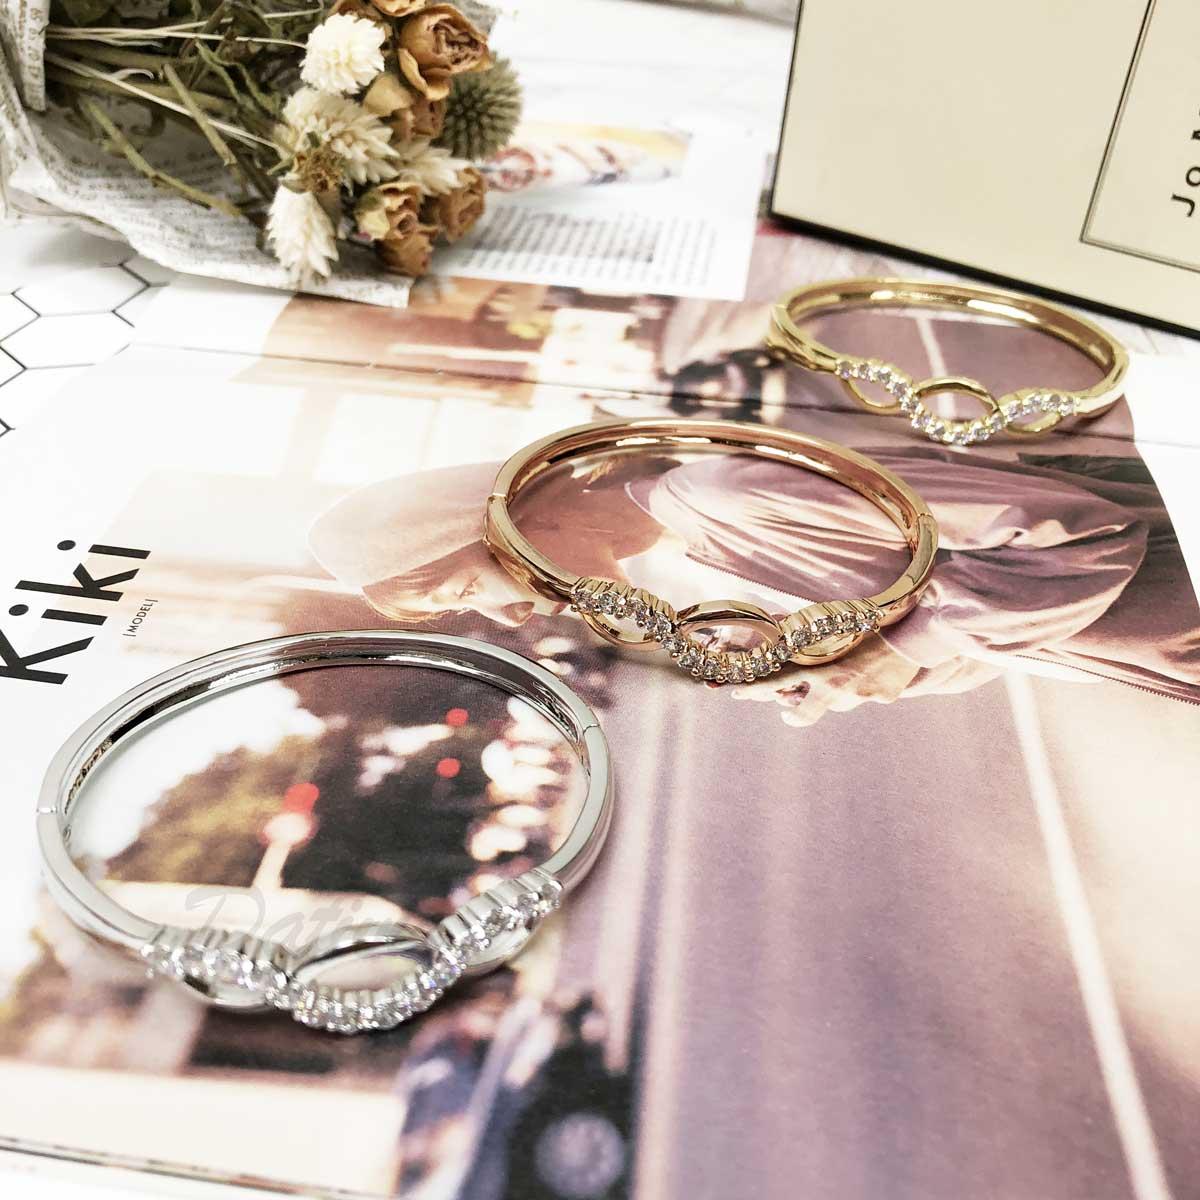 三眼 鑲鑽 水鑽 玫瑰金 線條 簡單 氣質款 手環 手飾